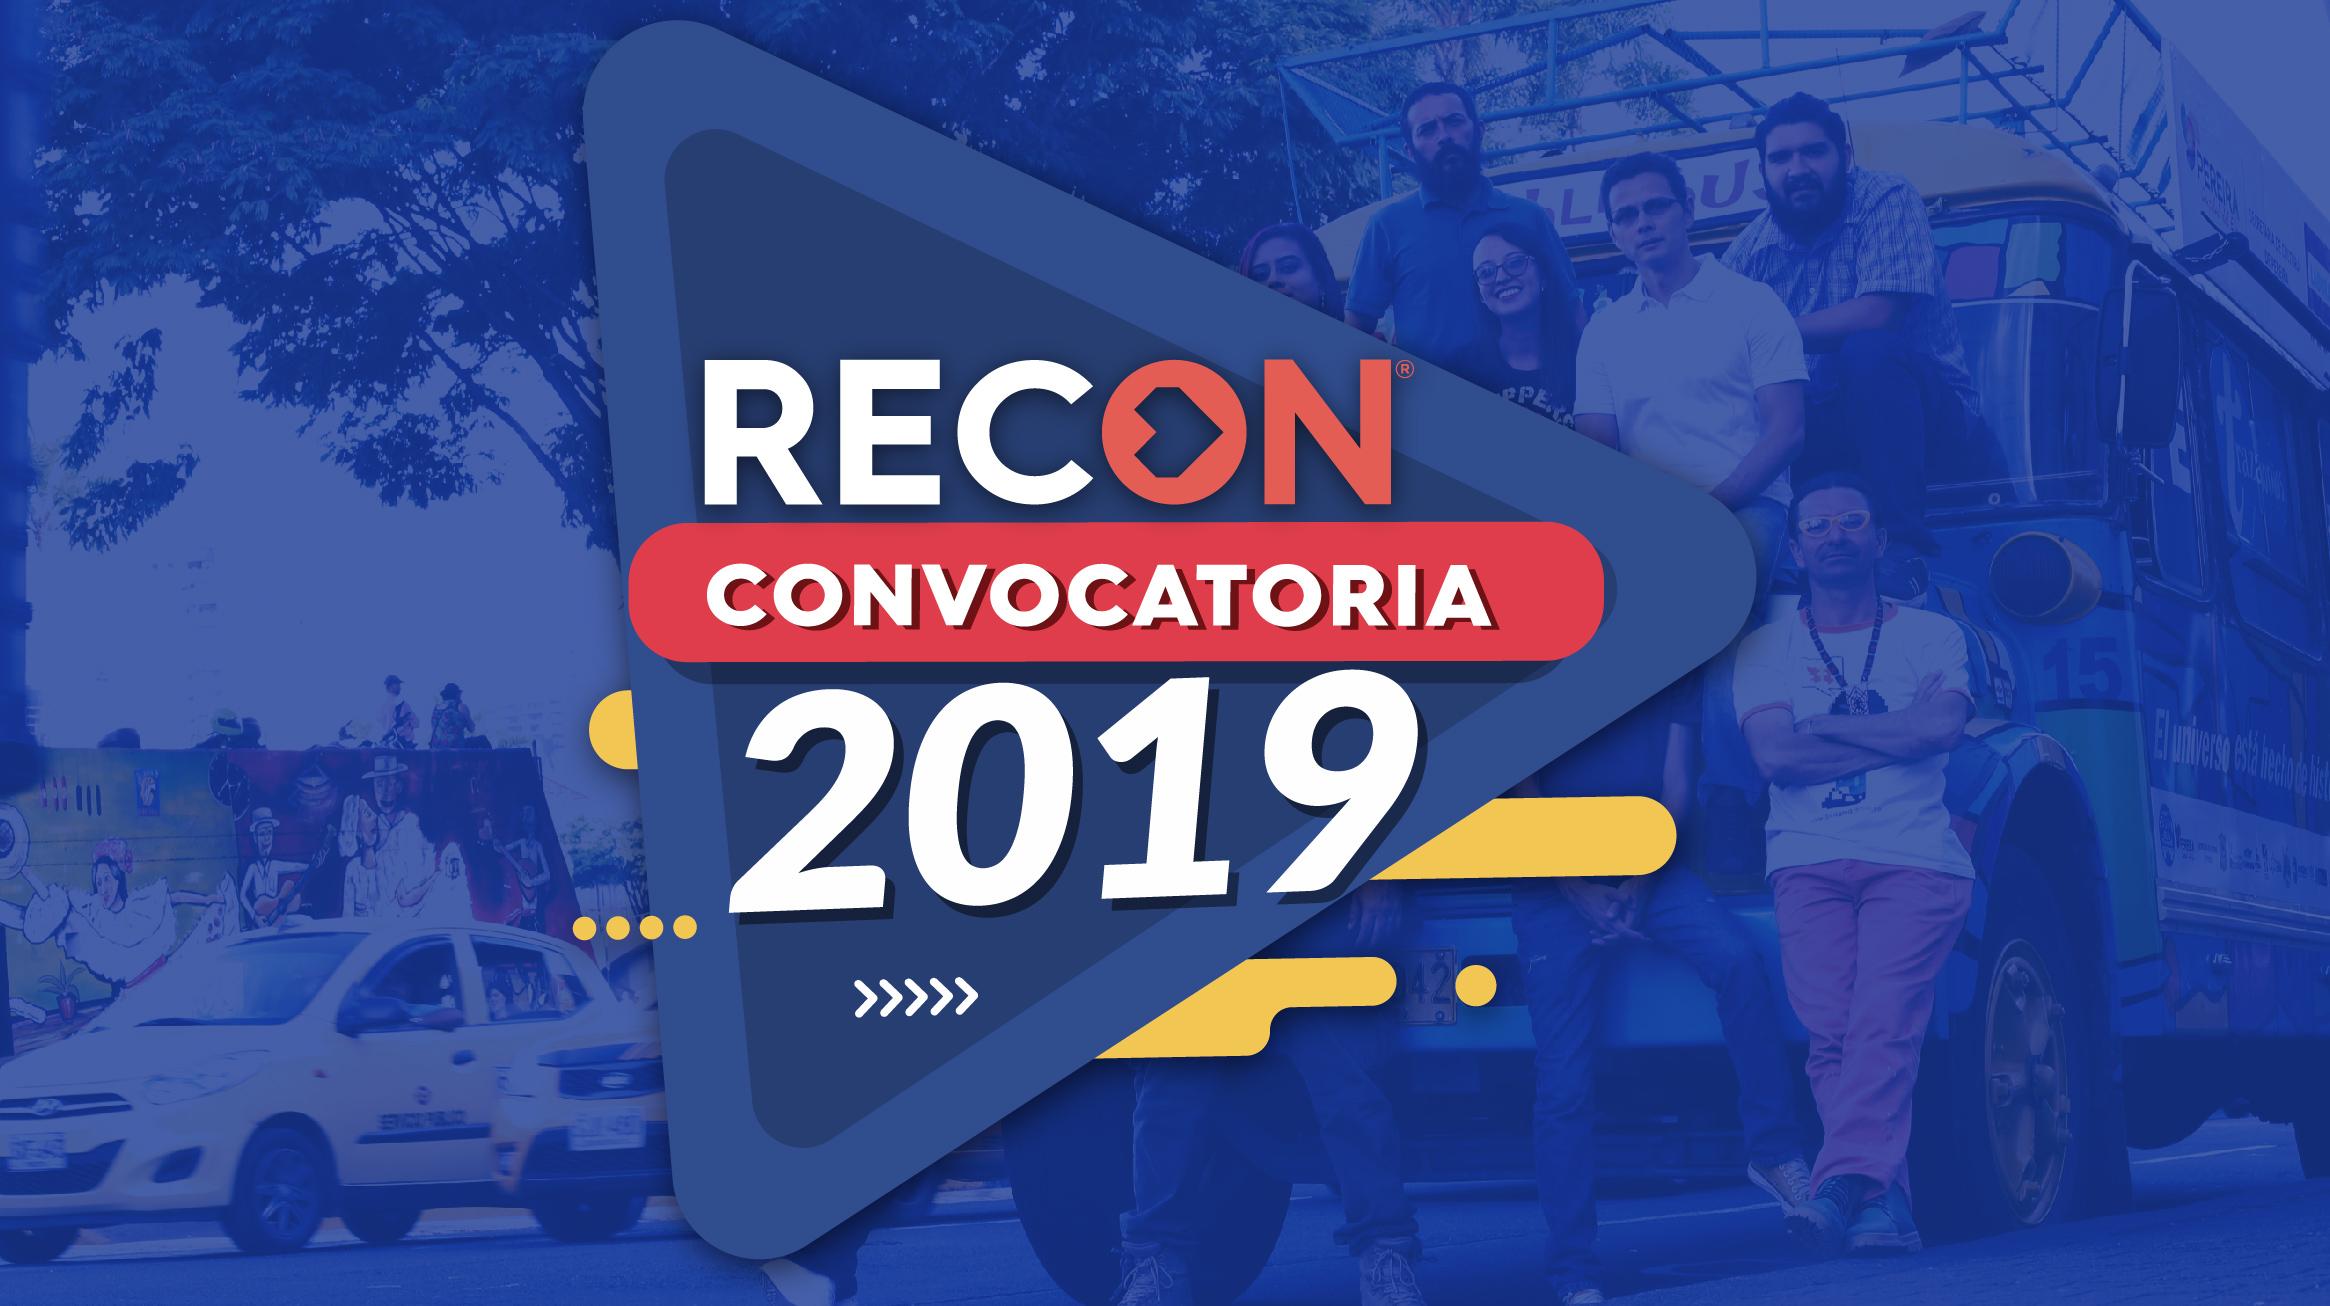 IV CONVOCATORIA RECON